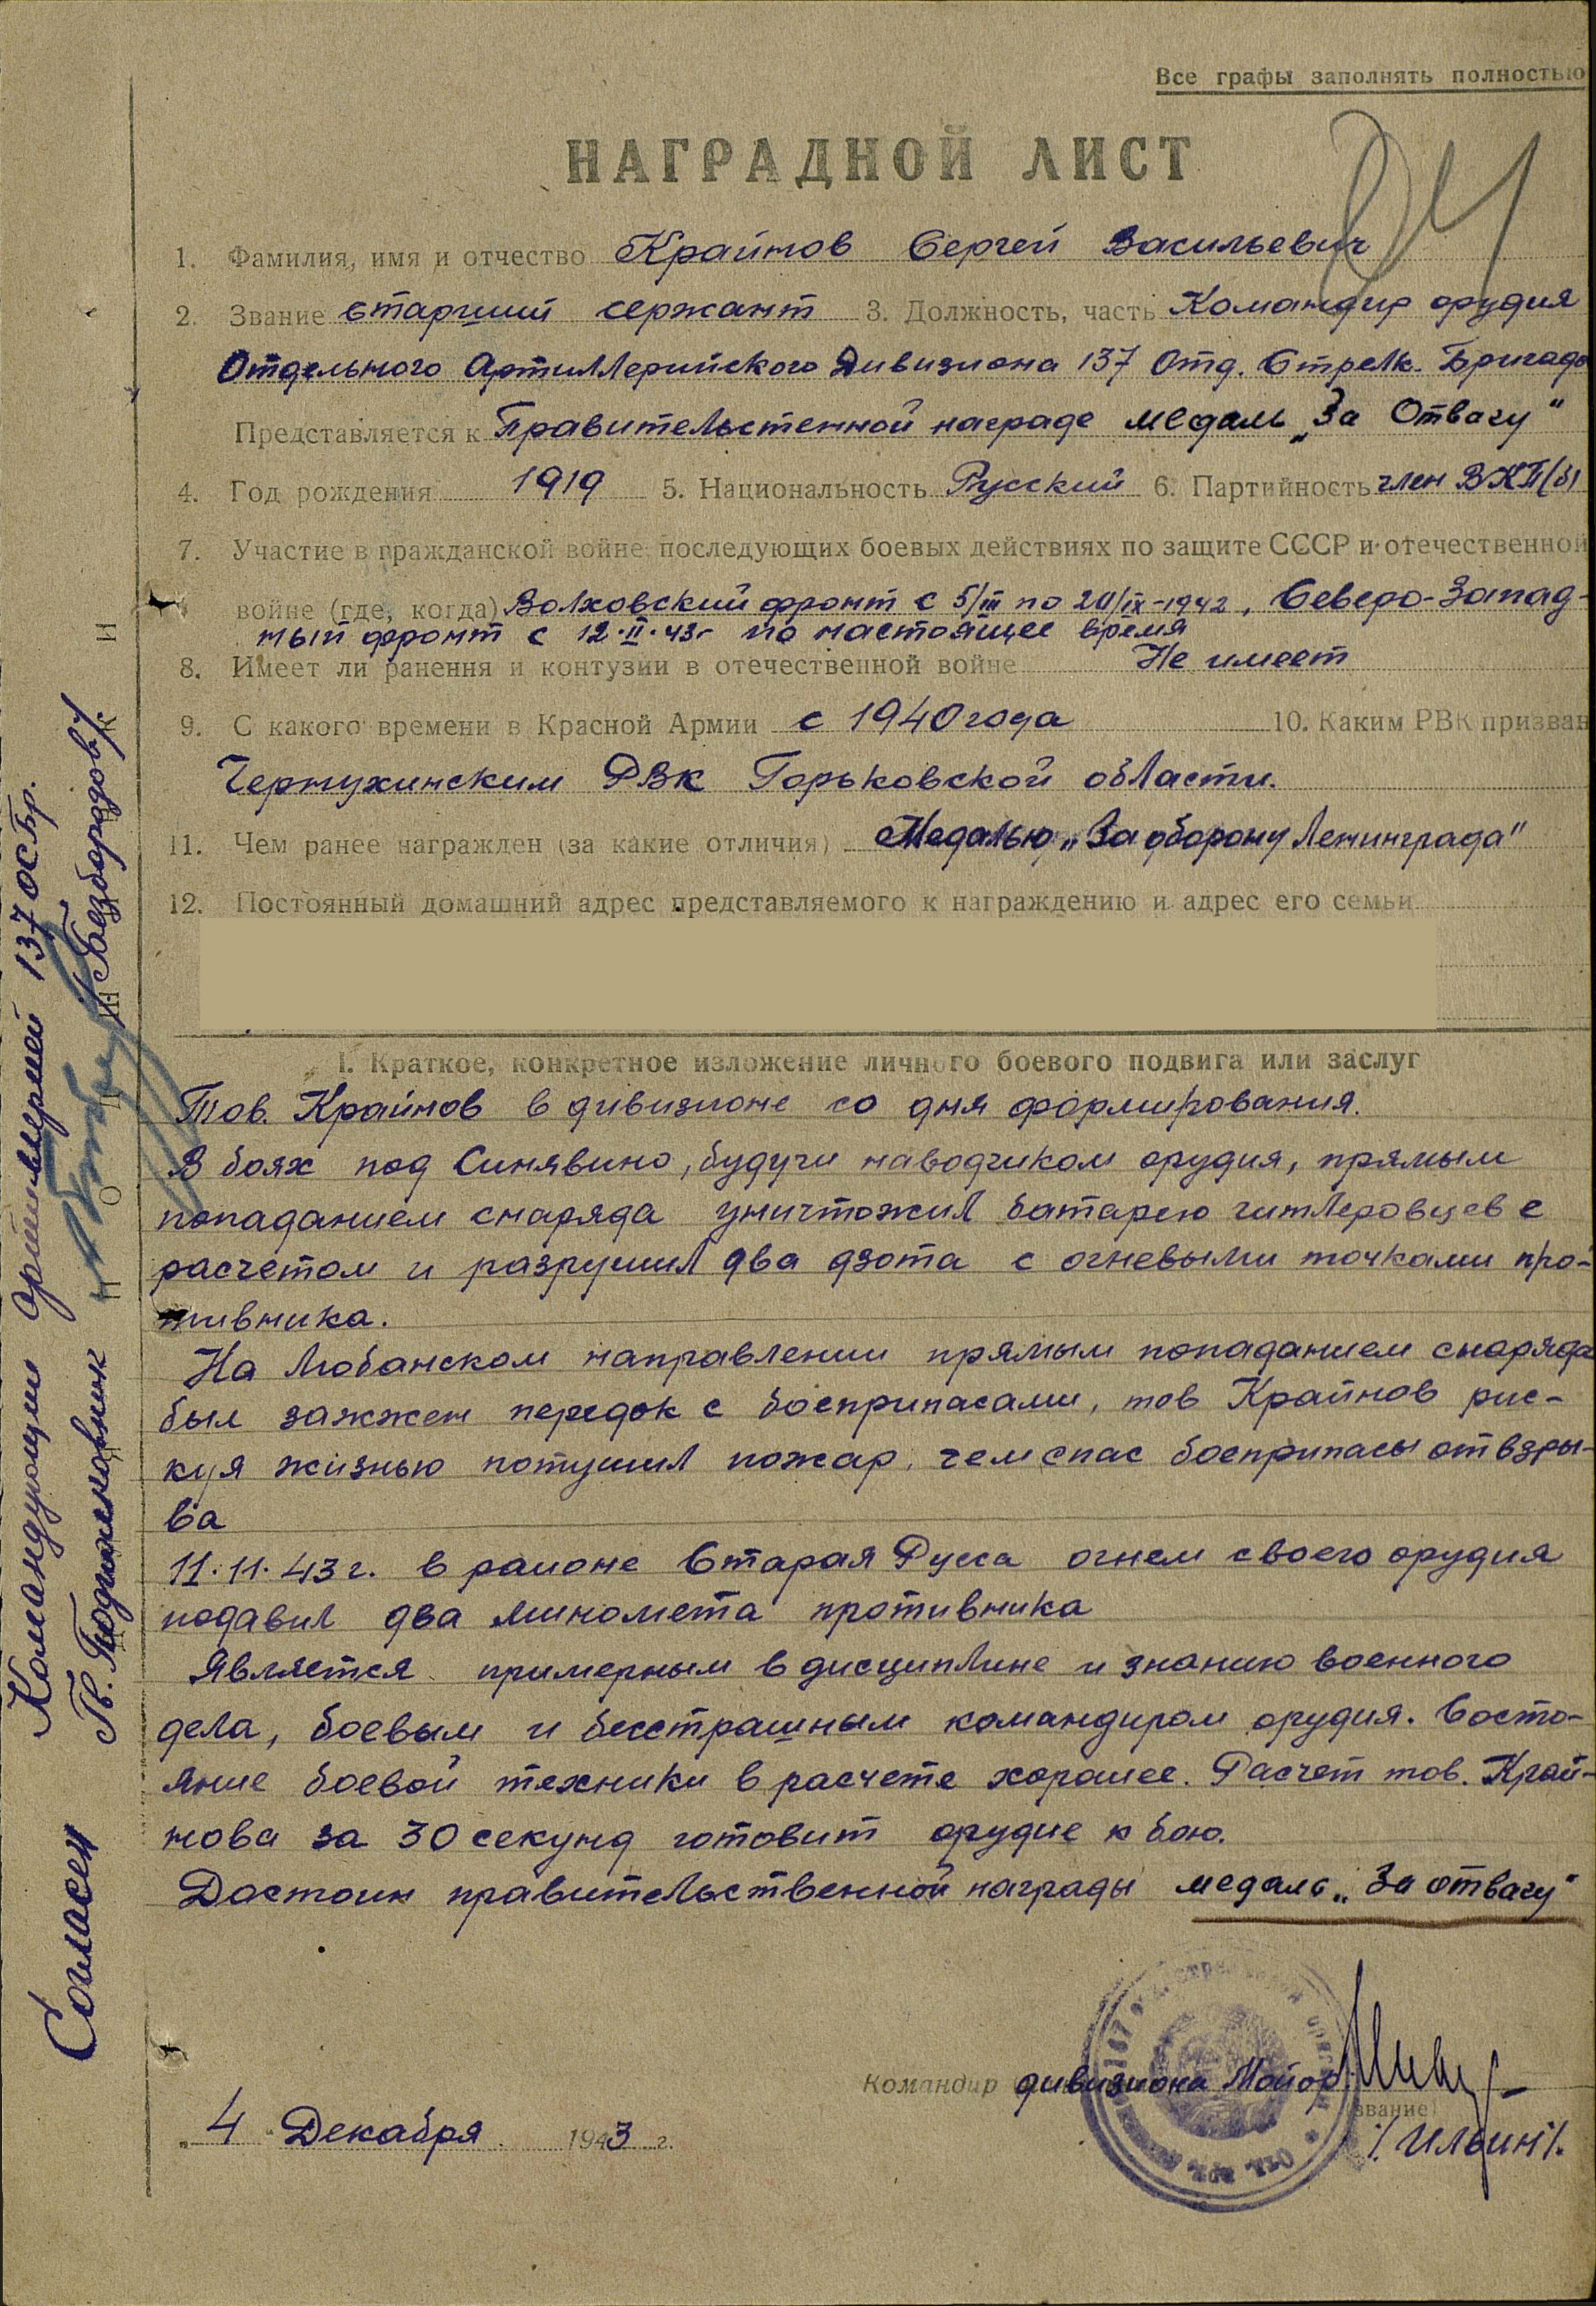 Наградной лист Крайнова Сергея Васильевича к медали за боевые заслуги